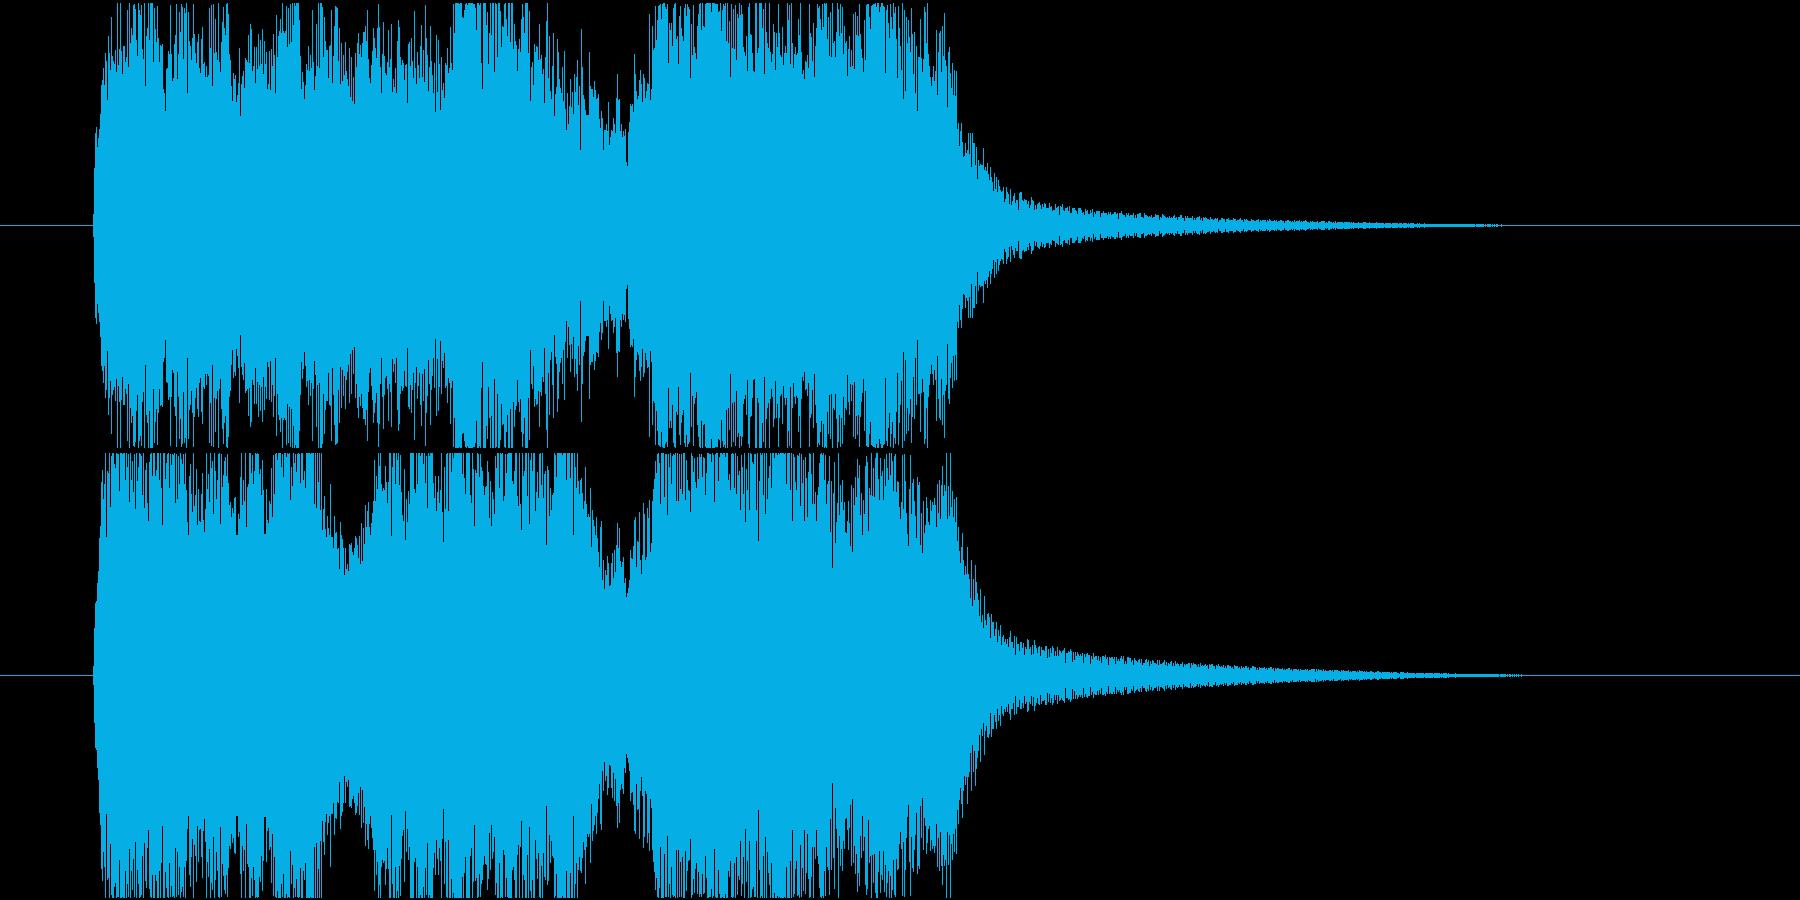 スピード感のあるファンファーレの再生済みの波形